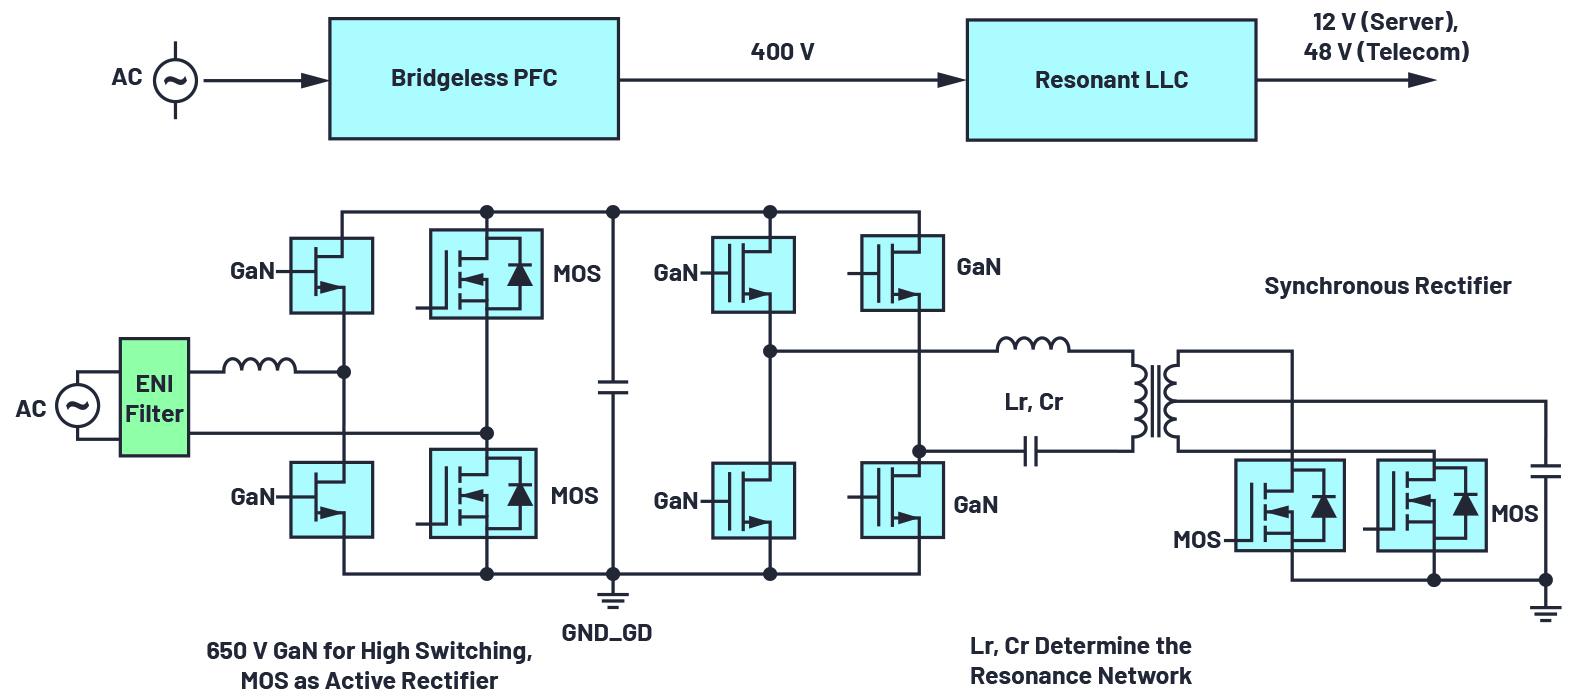 图1 - iCoupler技术为AC DC设计中的氮化镓(GaN)晶体管带来诸多优势.jpg